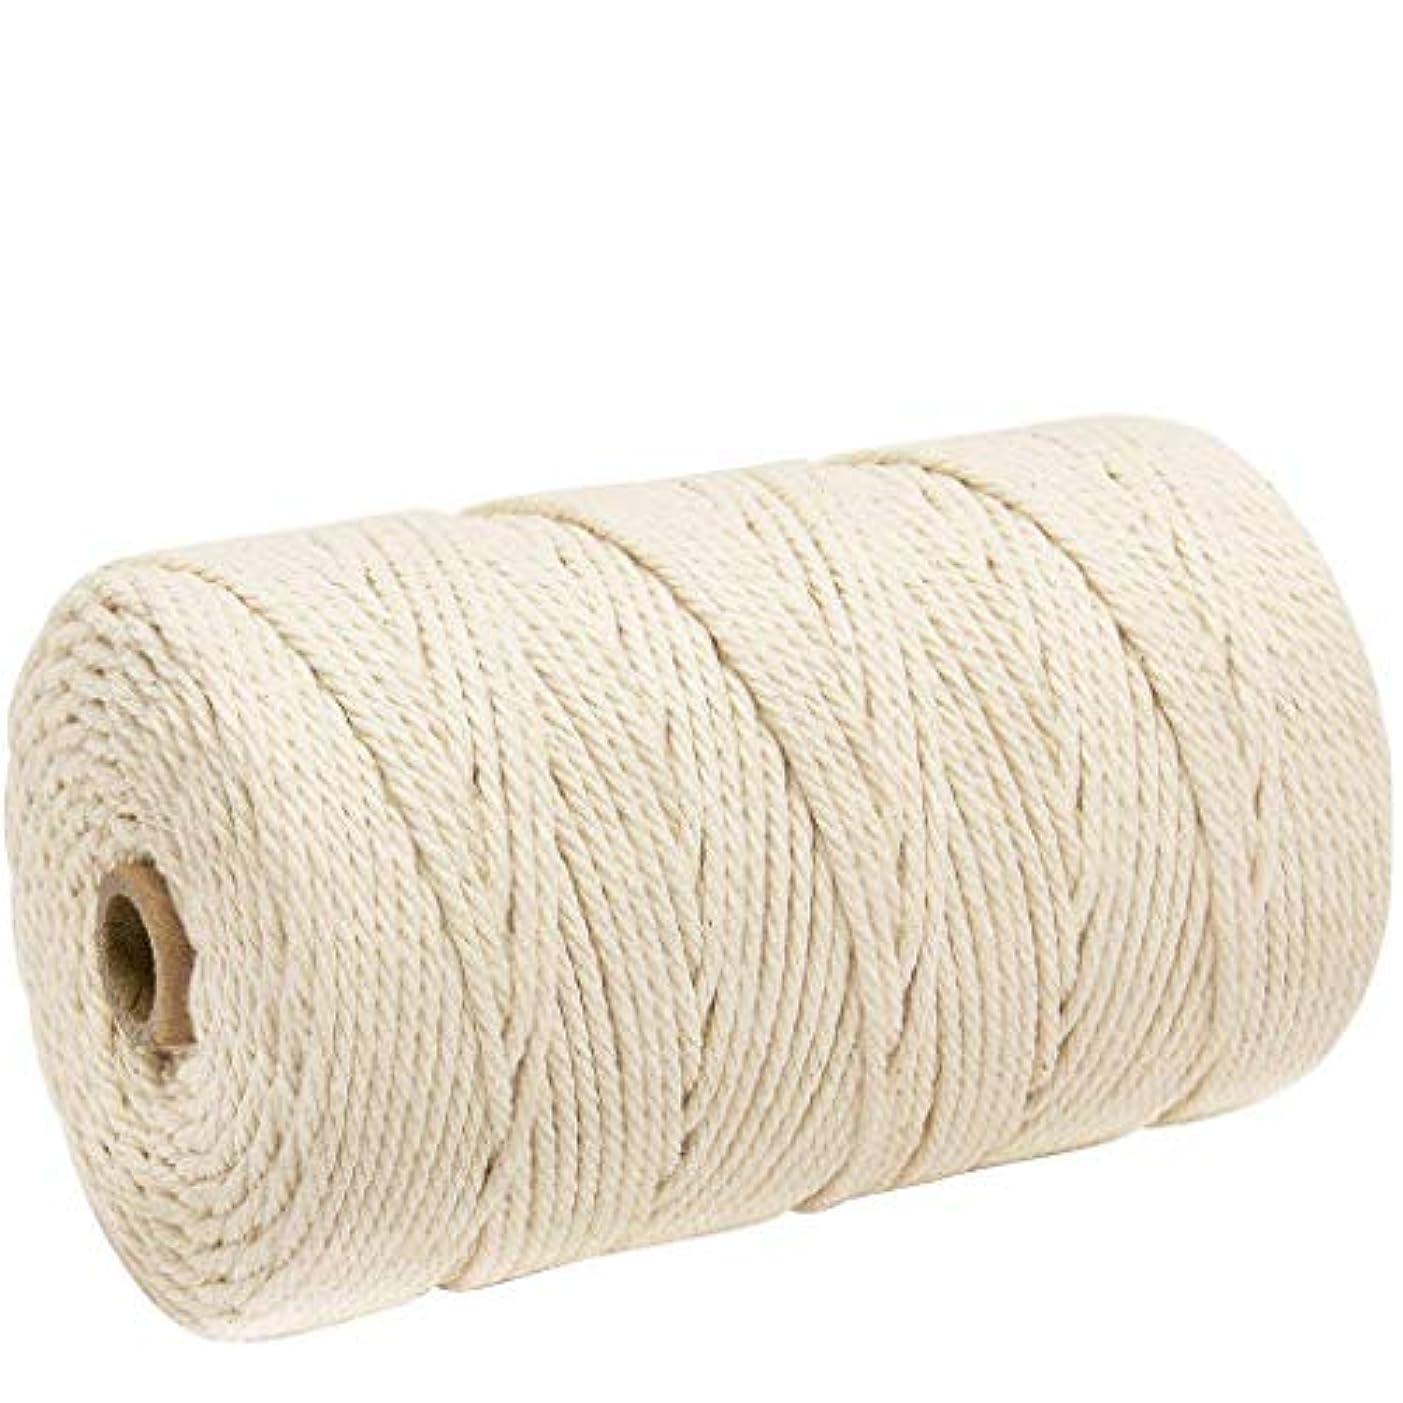 三番大混乱ハグナチュラルコットン マクラメ ロープ 紐 糸 手作り編み糸 綿 DIY壁掛けハンガークラフト編みコードロープ 3㎜ 200m (ライスホワイト)